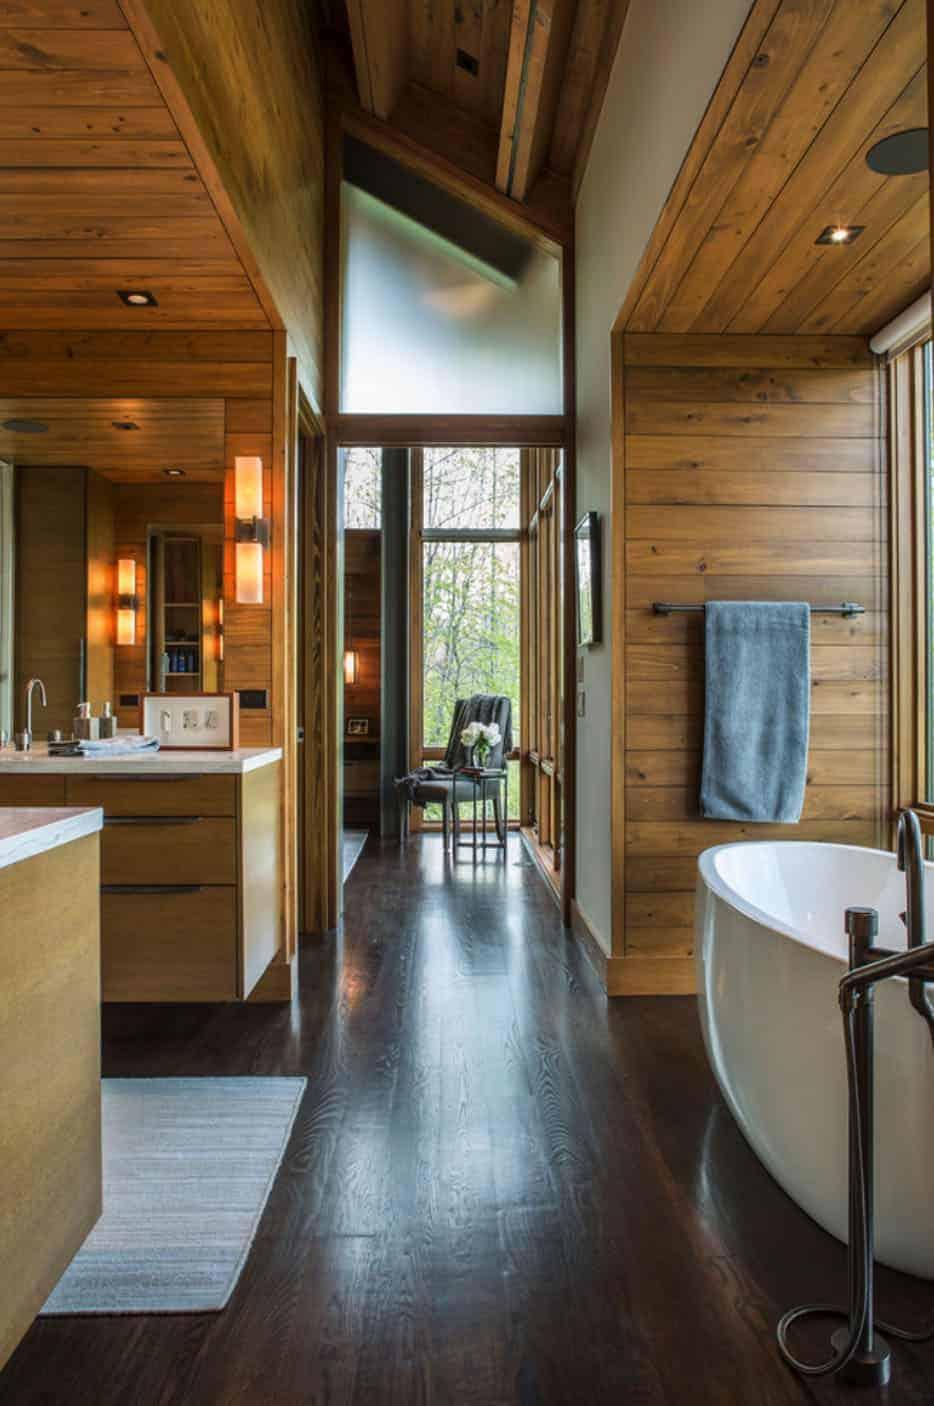 suvremena-kupaonica u planinskom stilu